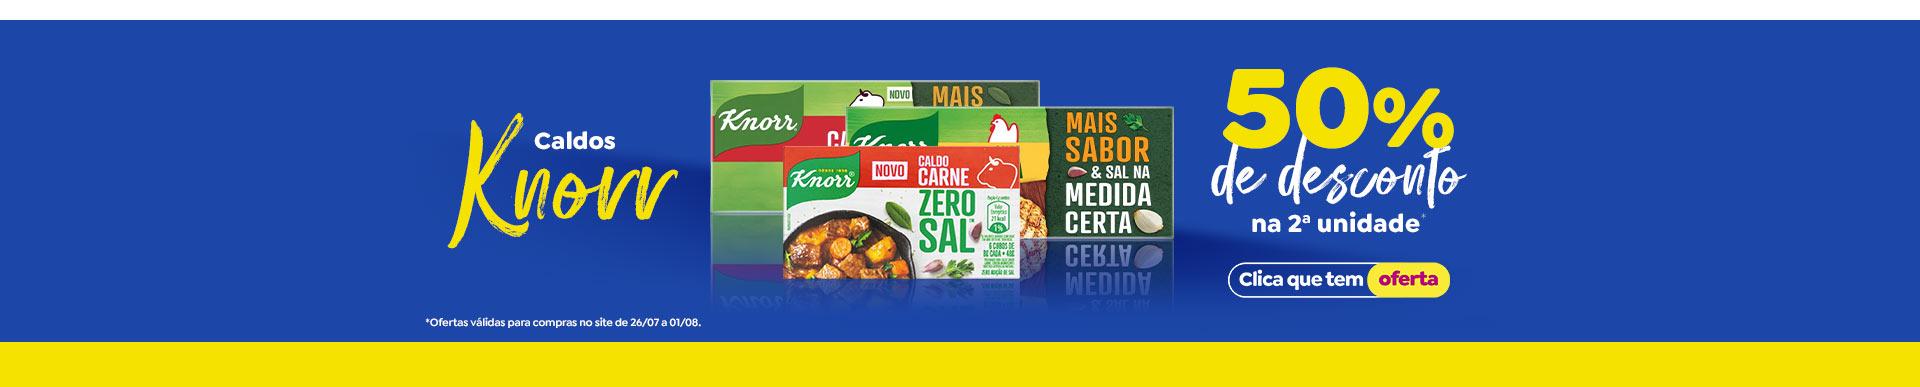 trade_2021-07-25a08-01_perene_unilever_caldo-knorr-50naseg